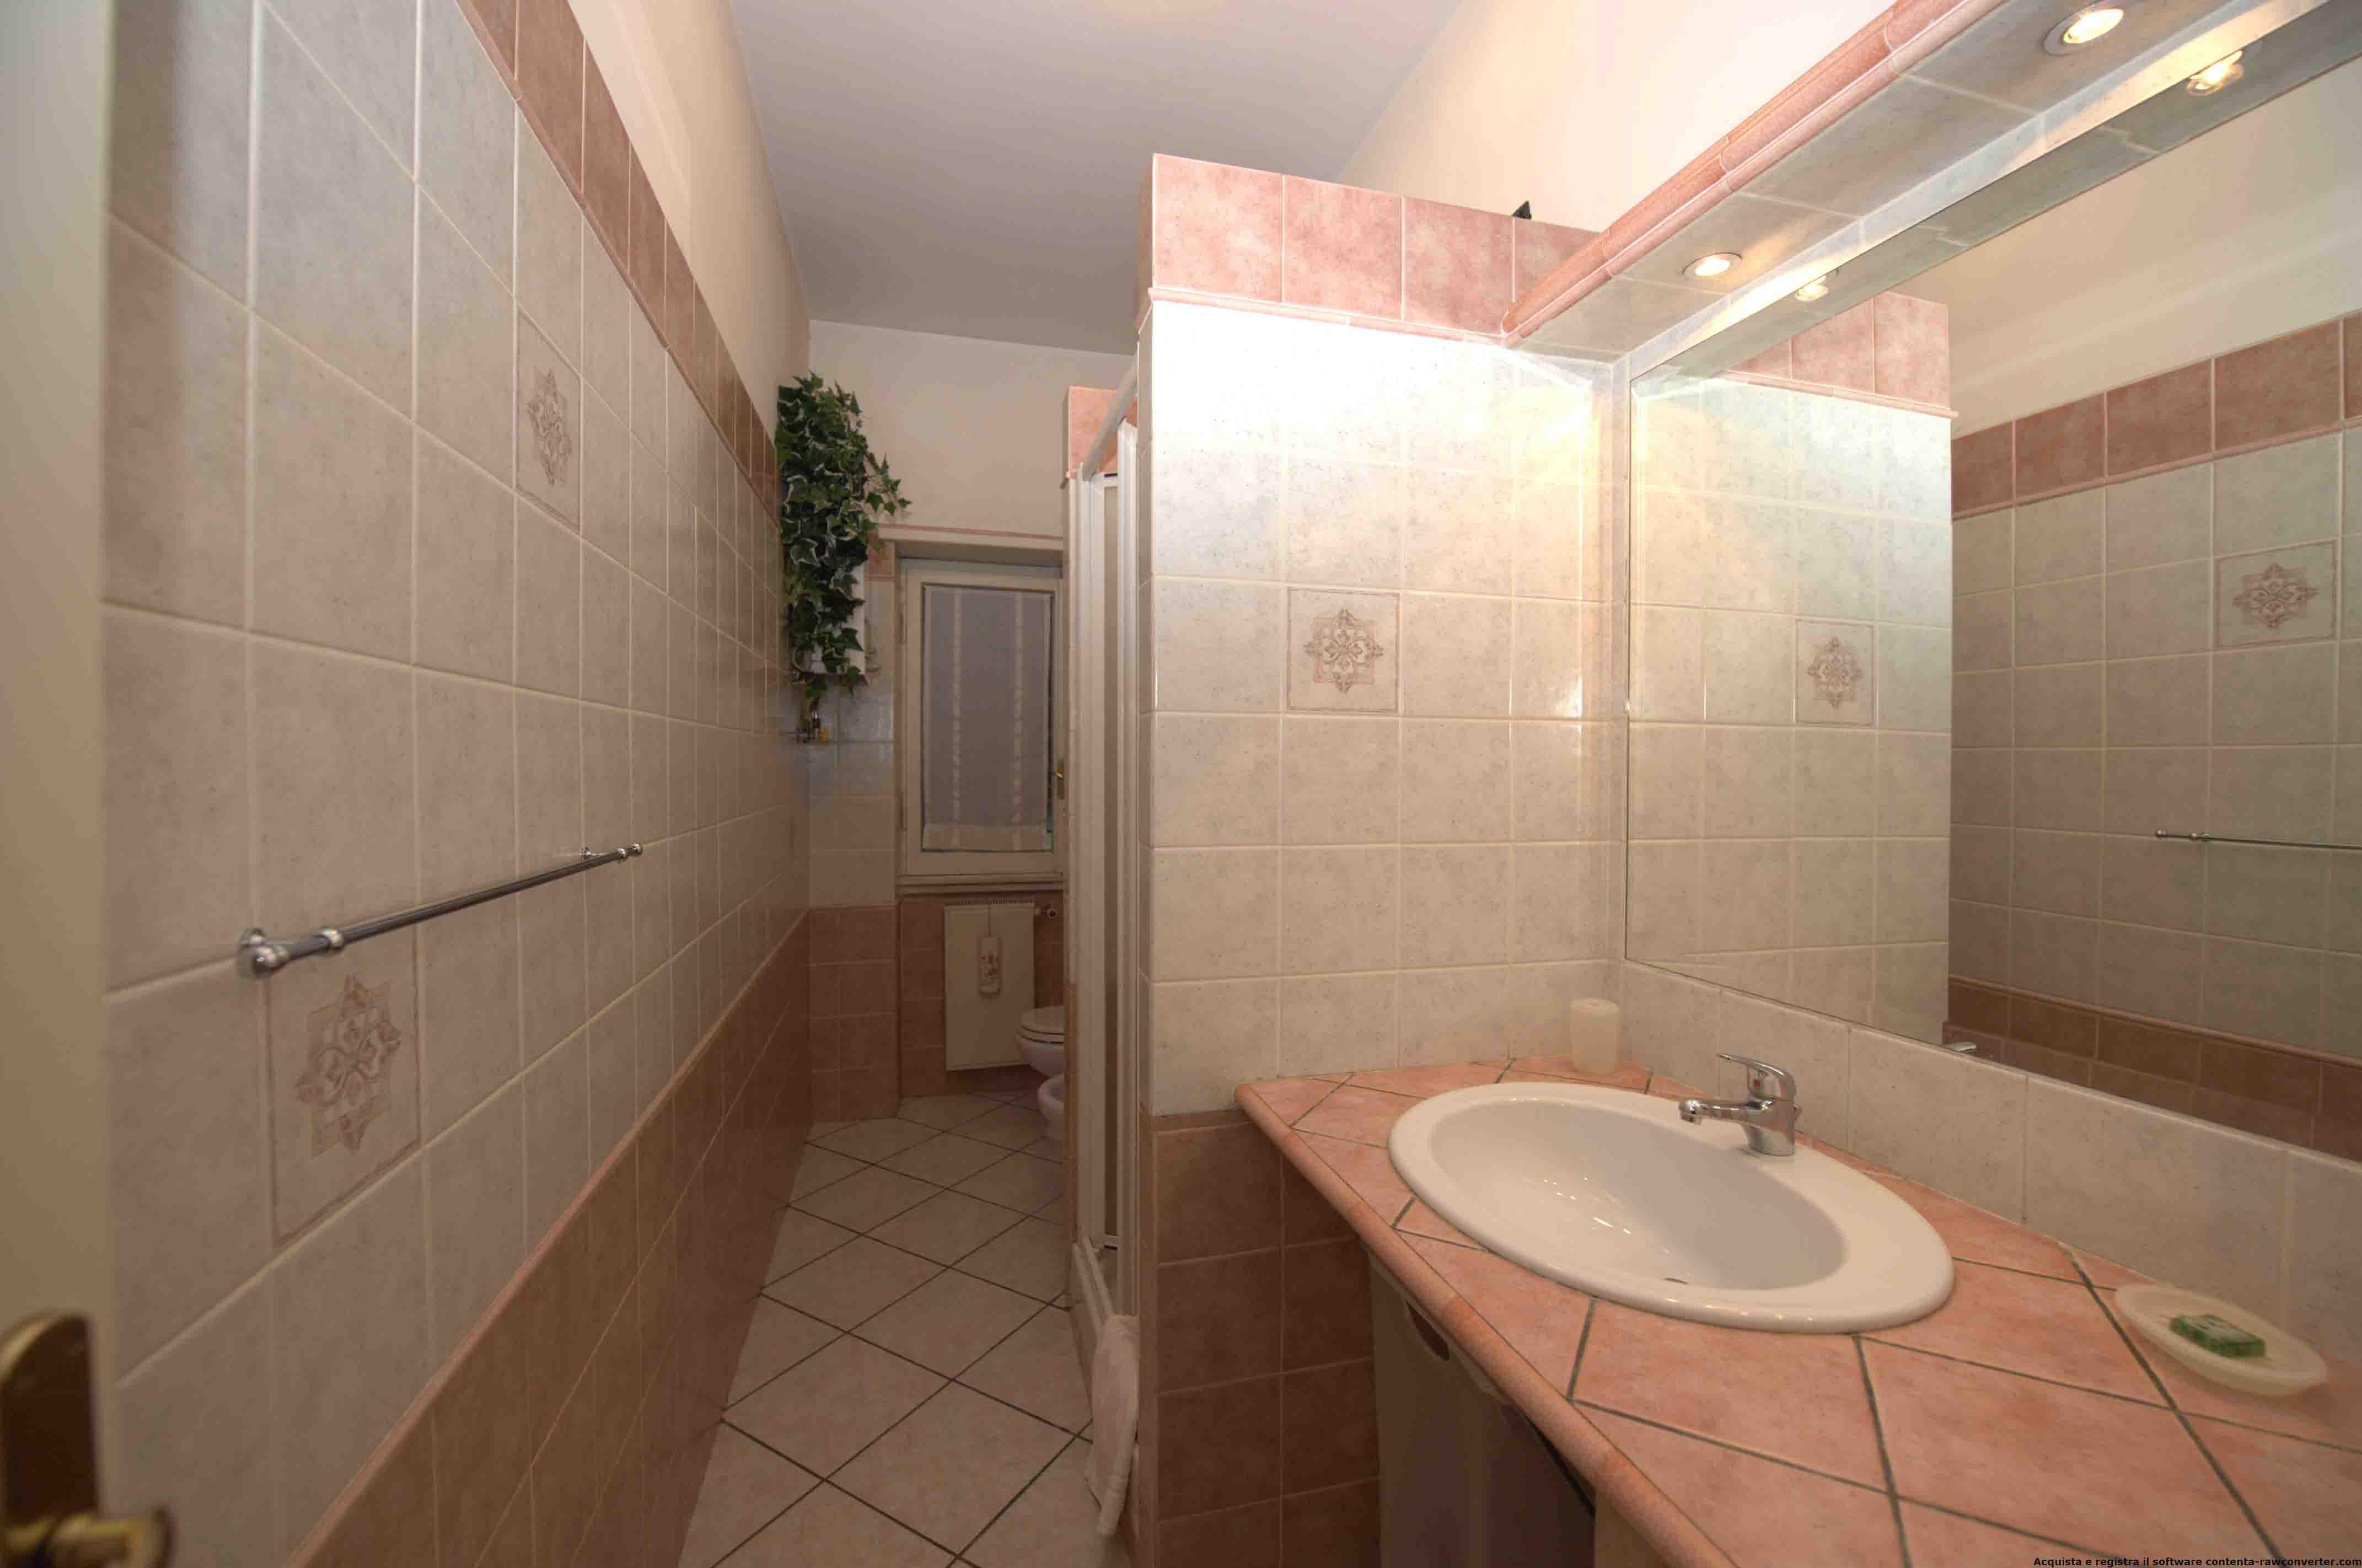 affitto appartamento citta roma 41 (20110411200459-2011-55155-NDP.jpg)